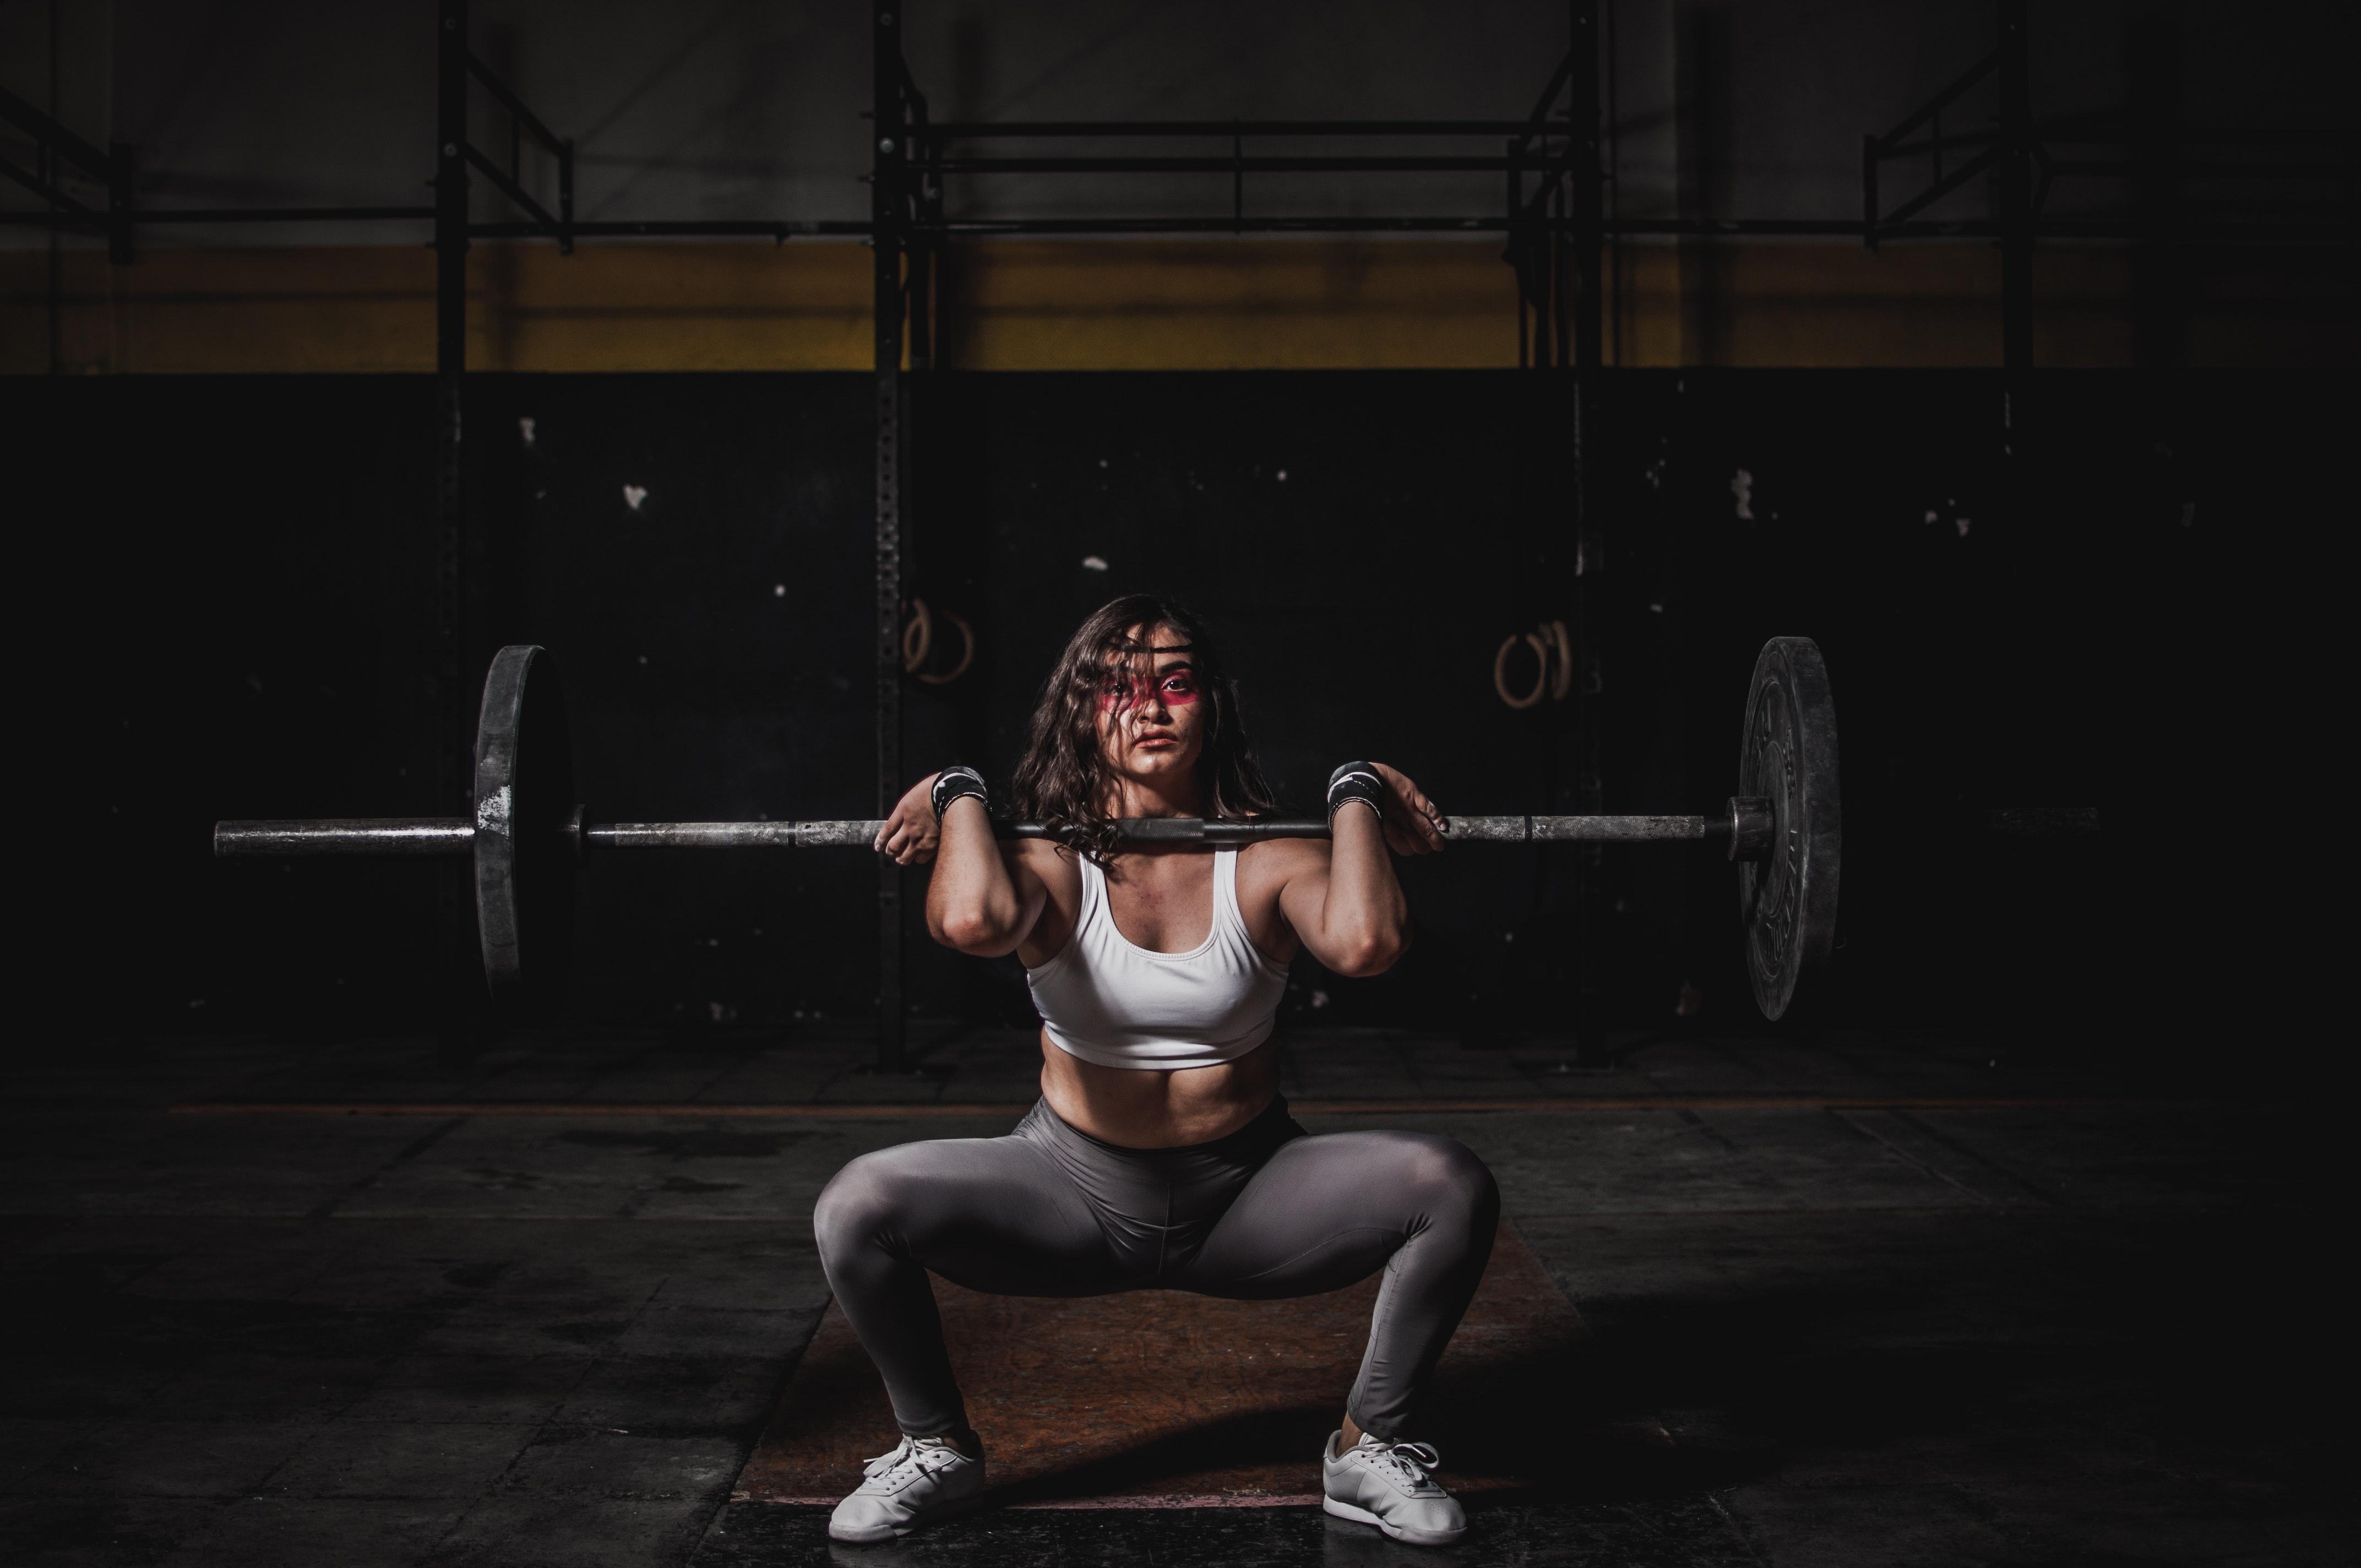 woman-lifting-barbell-1552249